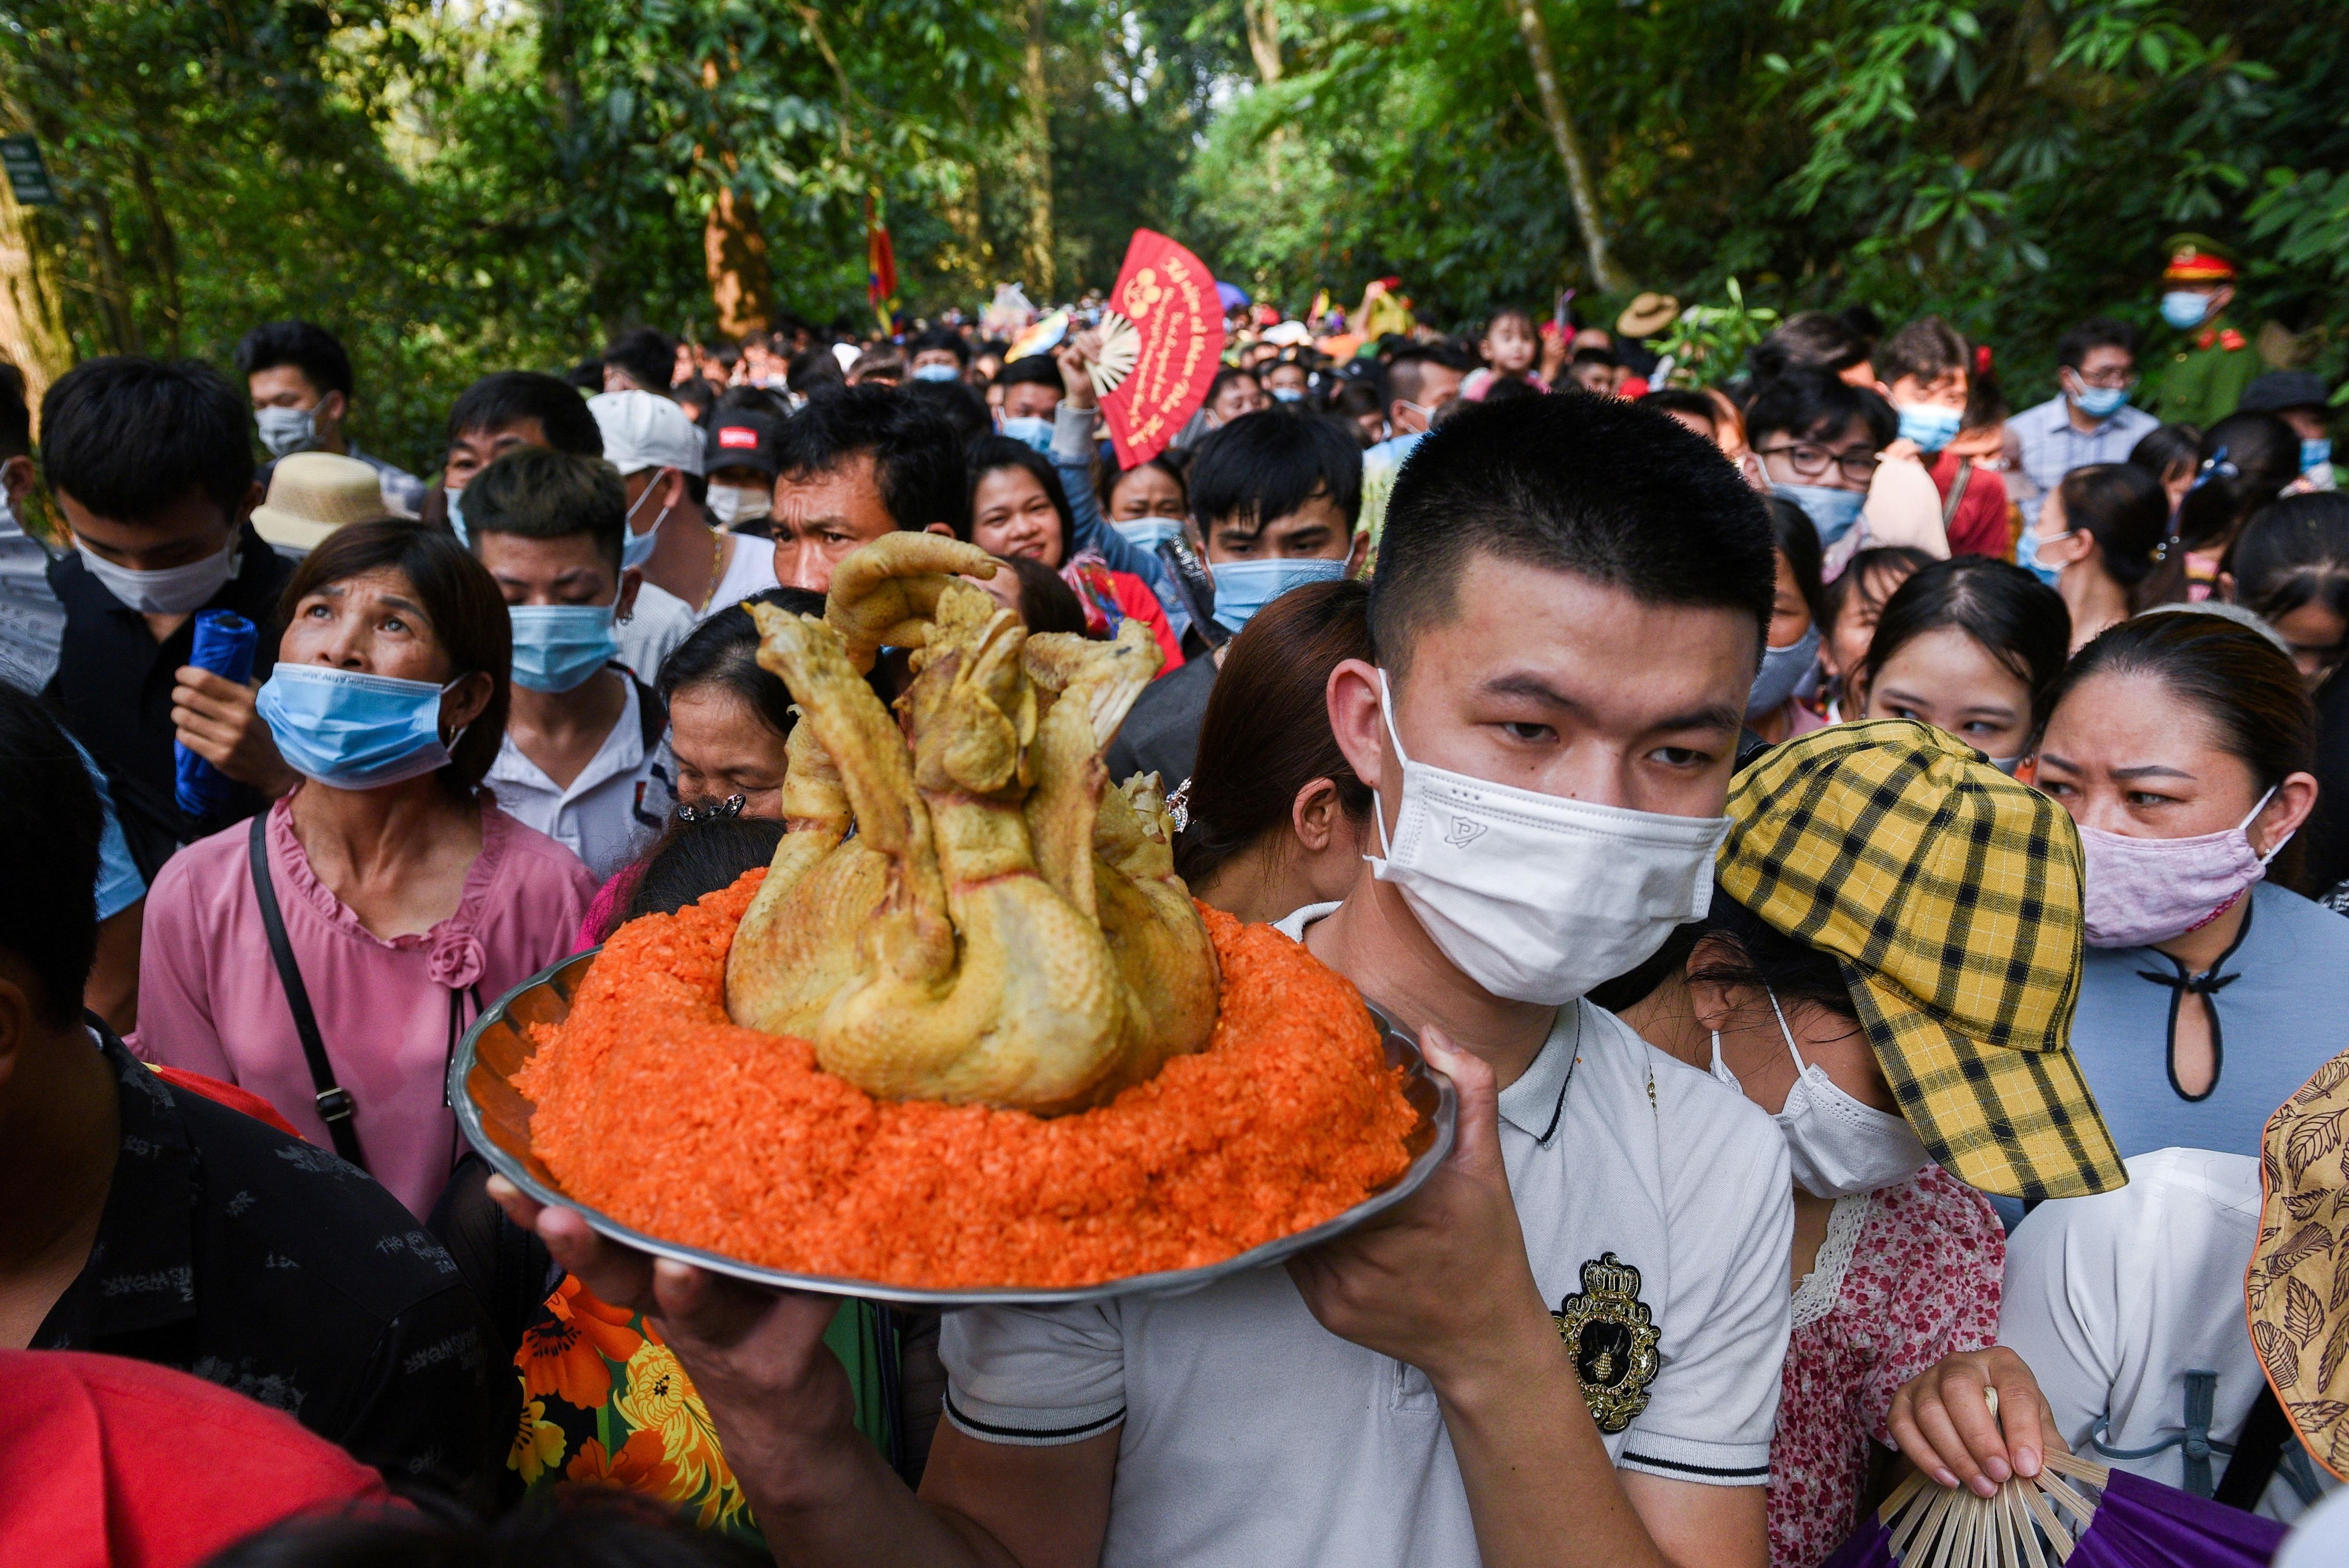 Personas festejan el festival en el templo Hung Kings temple in Phu Tho, Vietnam, en medio de la pandemia. REUTERS/Thanh Hue